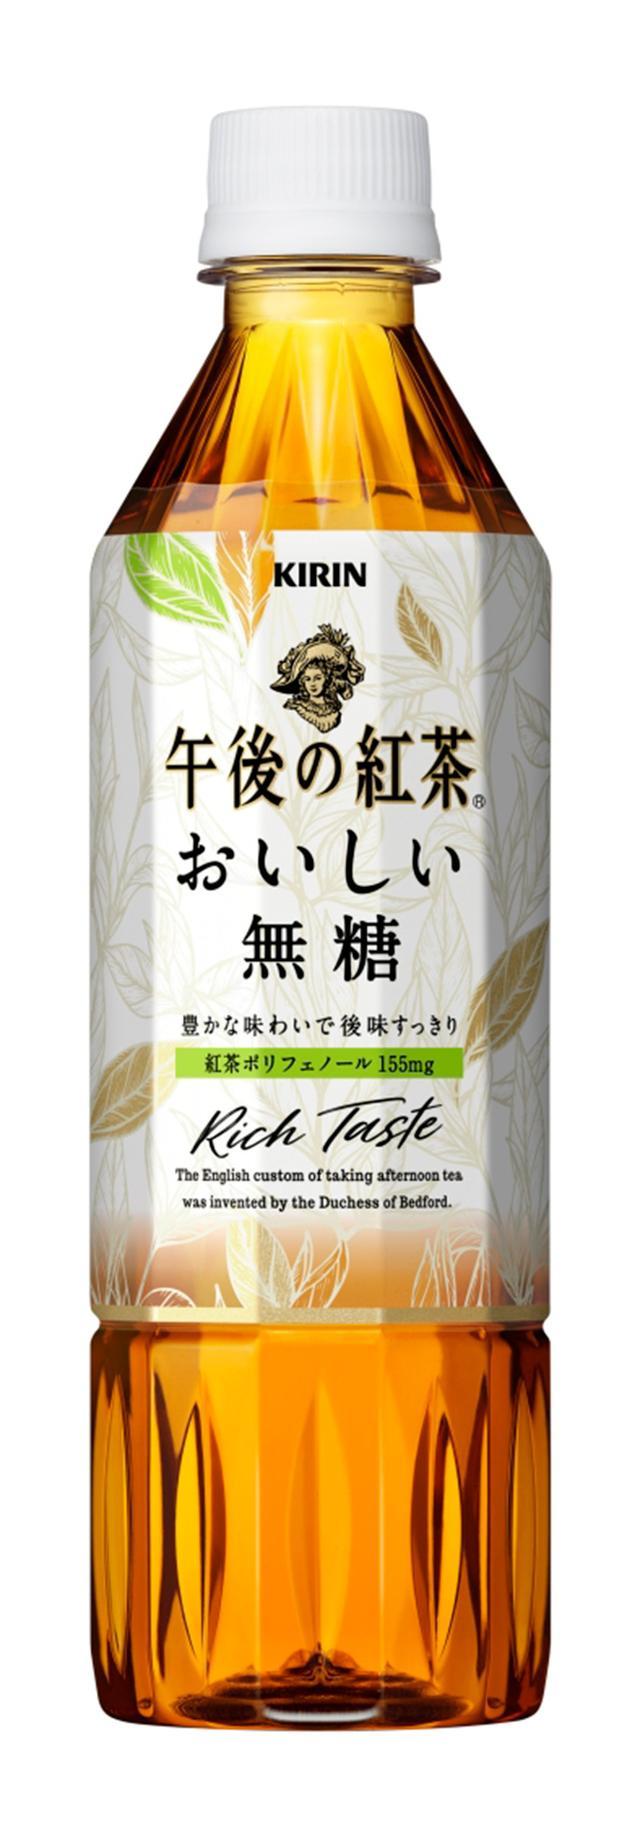 画像: 「キリン 午後の紅茶 おいしい無糖」